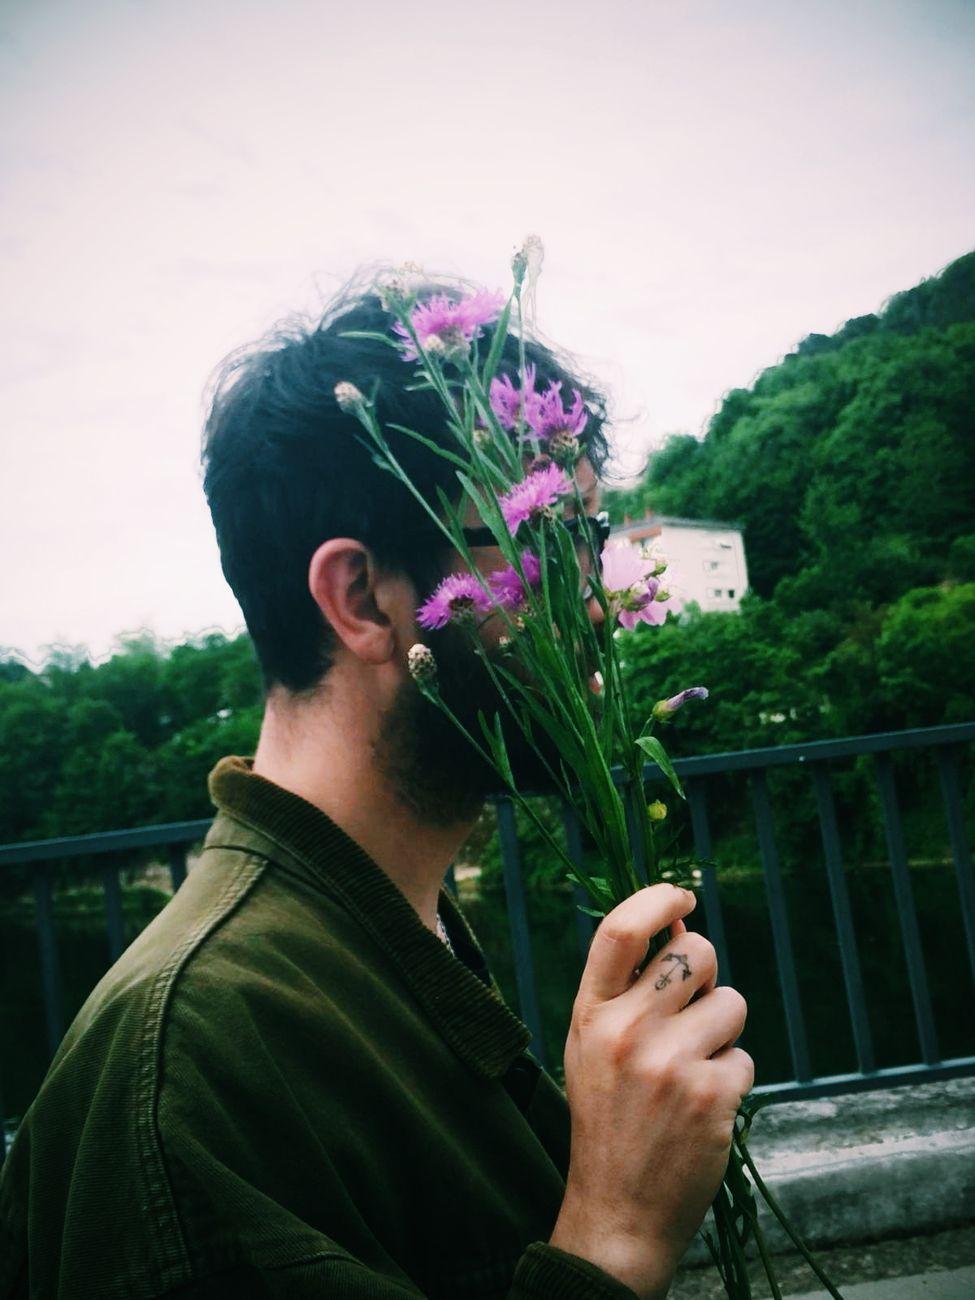 Chrysanthos Christodoulou